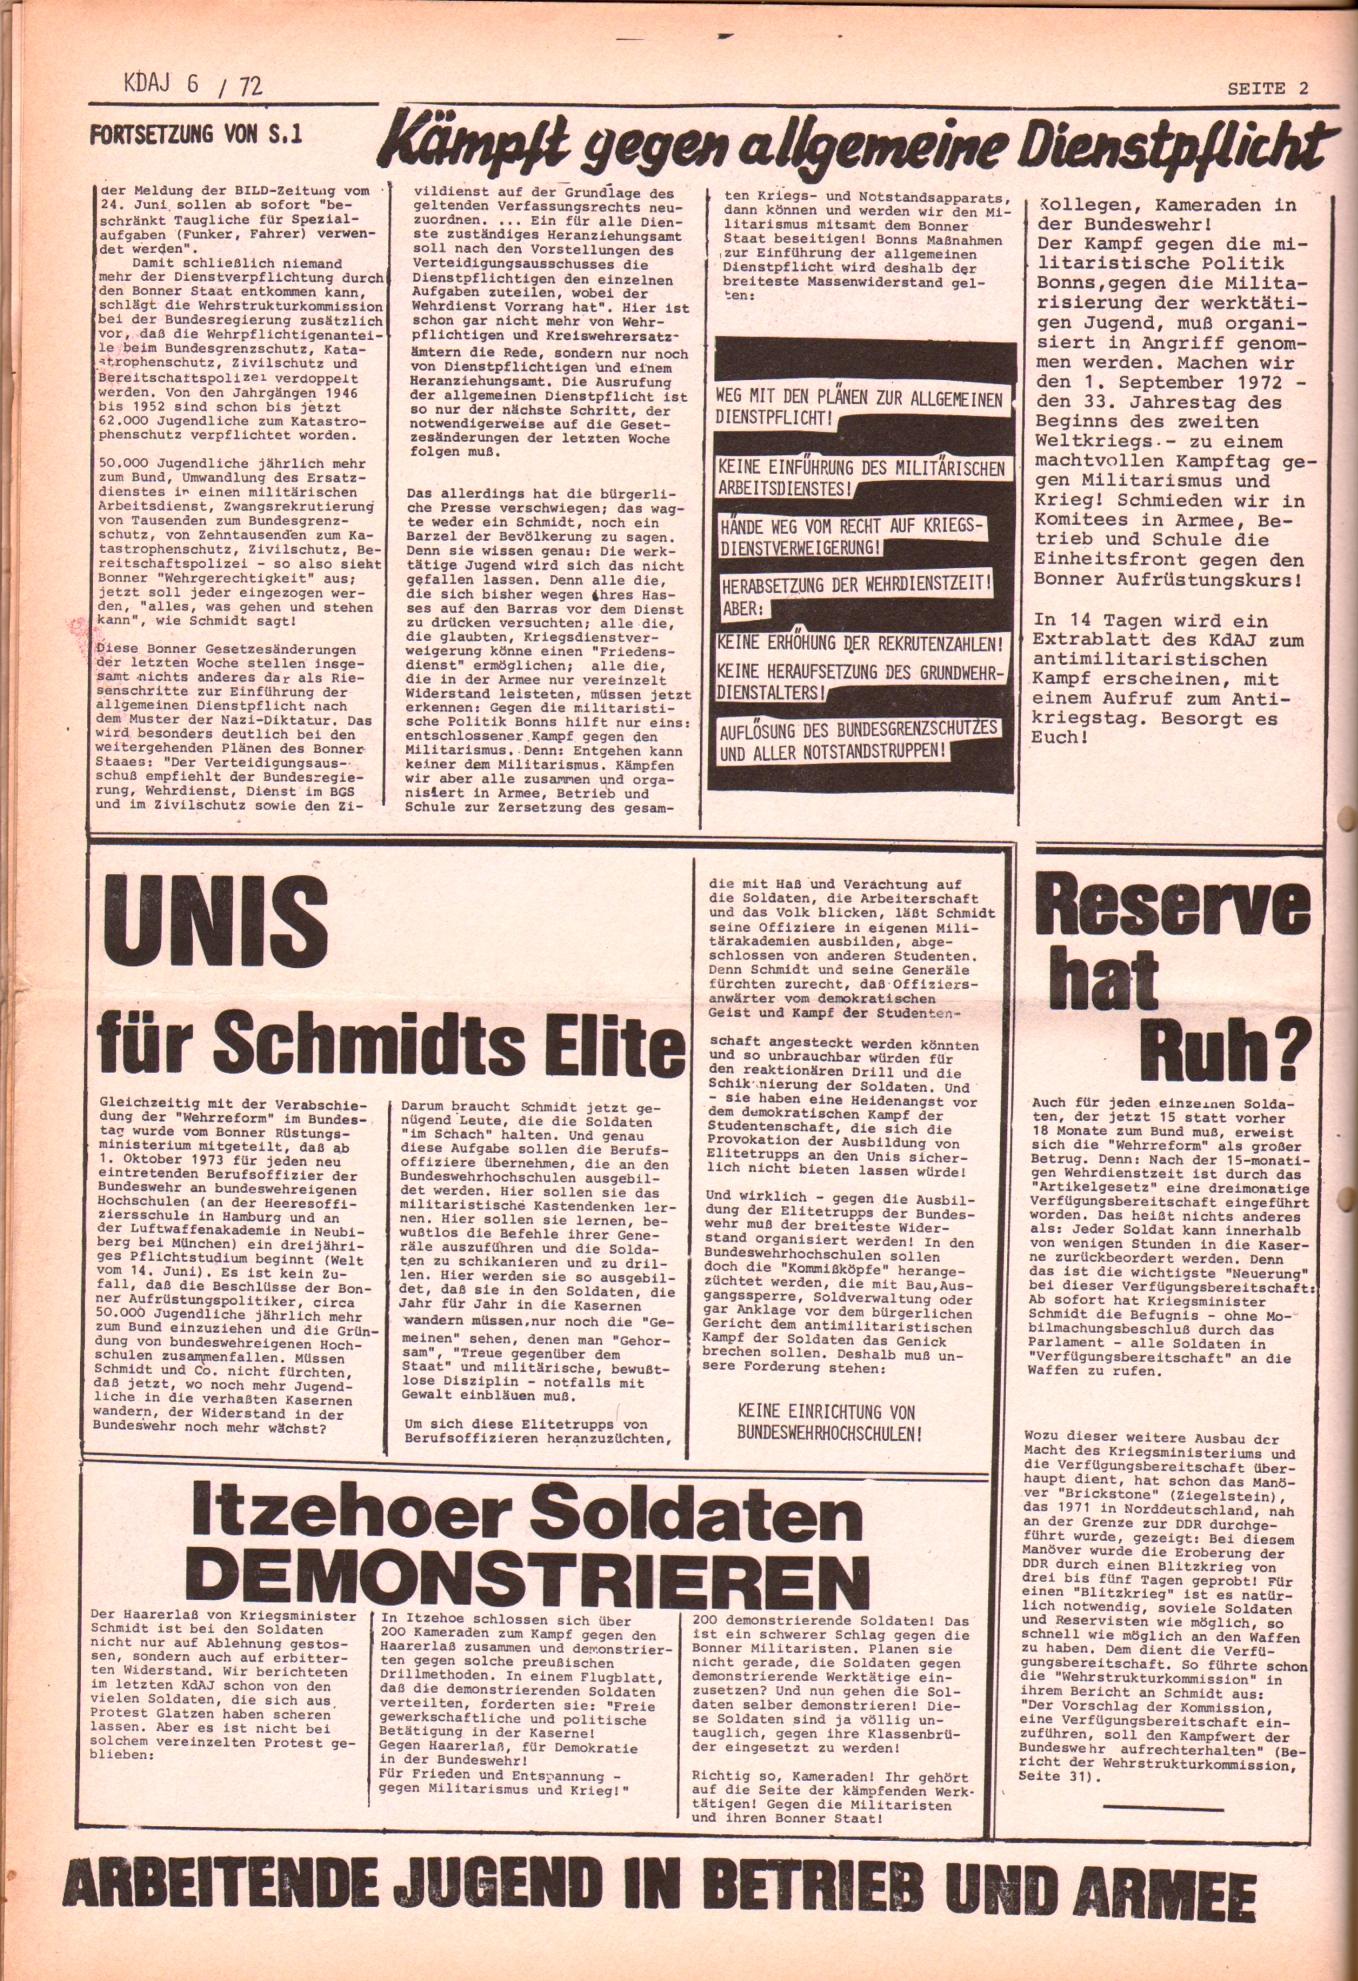 KDAJ, 3. Jg., Juli 1972, Nr. 6, Seite 2